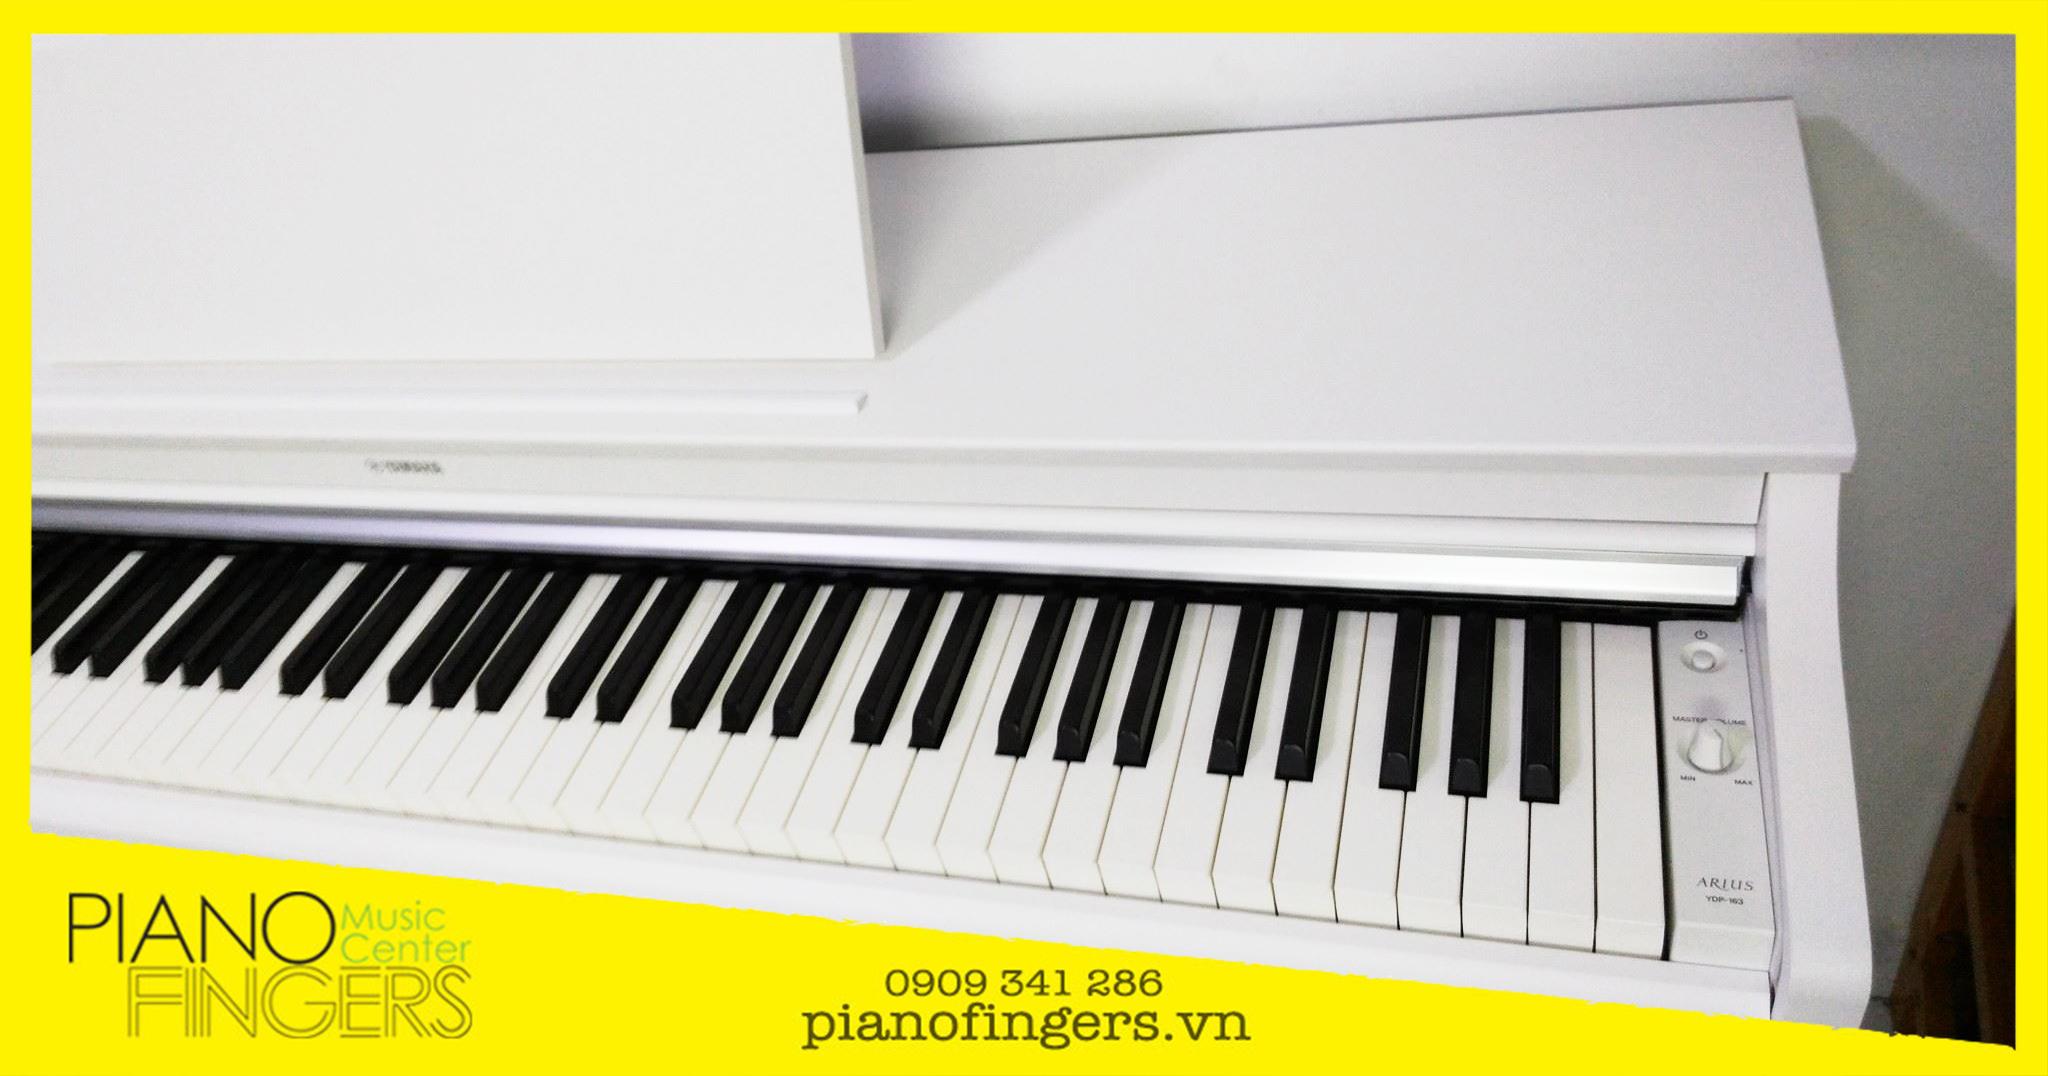 Hướng dẫn sử dụng Yamaha YDP-163 Manual 2 copy